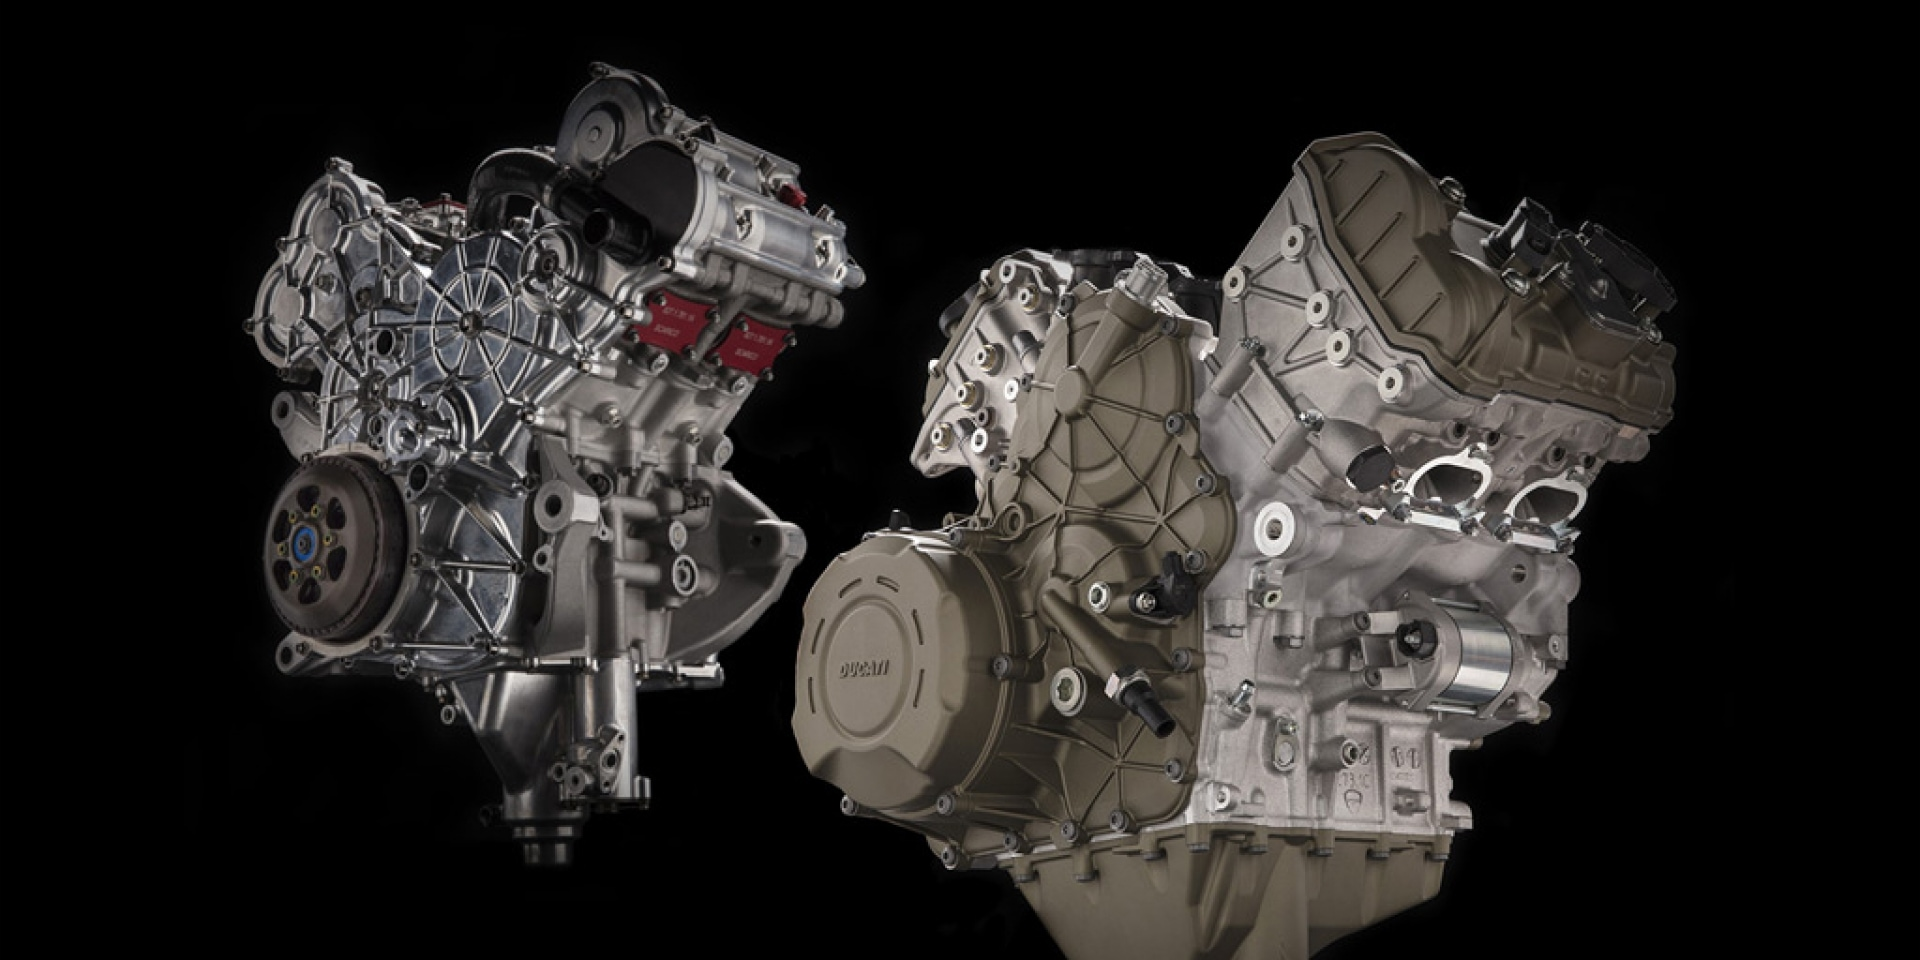 V4引擎親民化!Ducati將推出更多V4車款